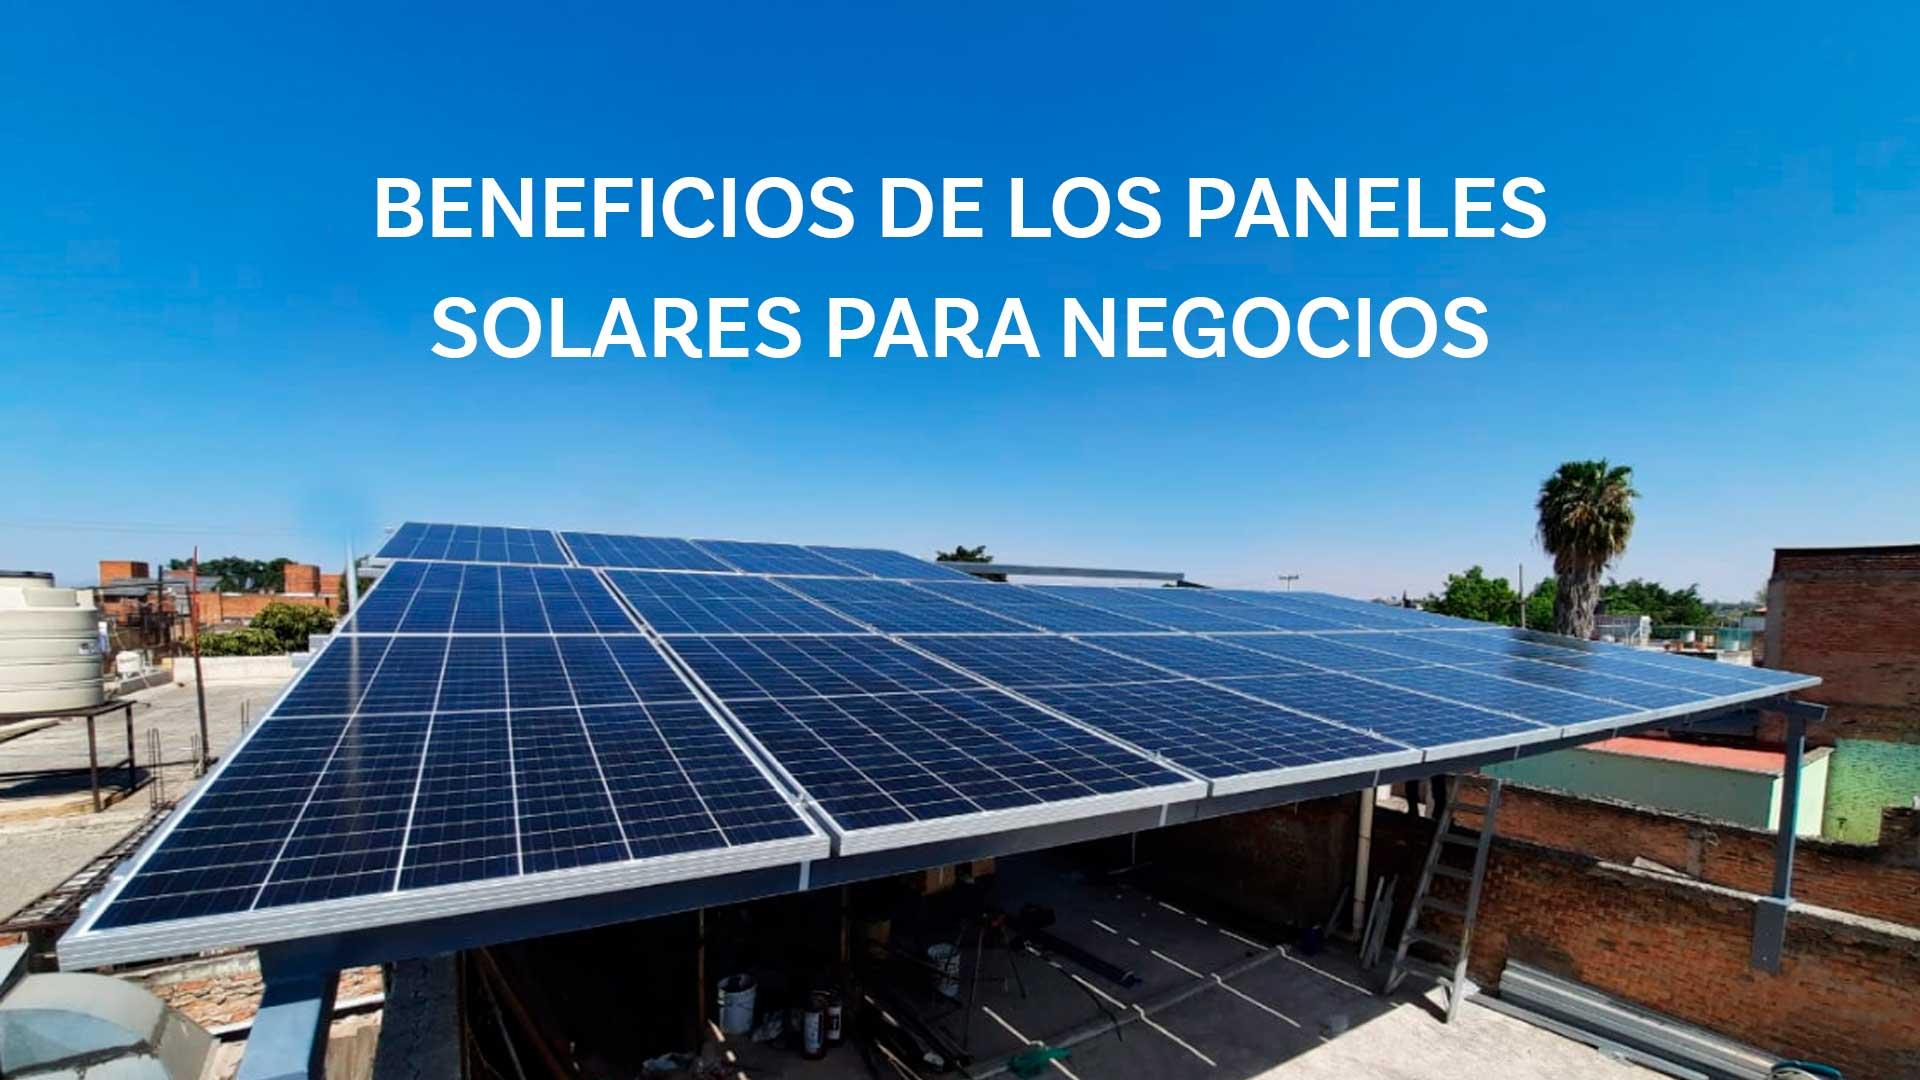 Beneficios-de-los-paneles-solares-para-negocios-empresas